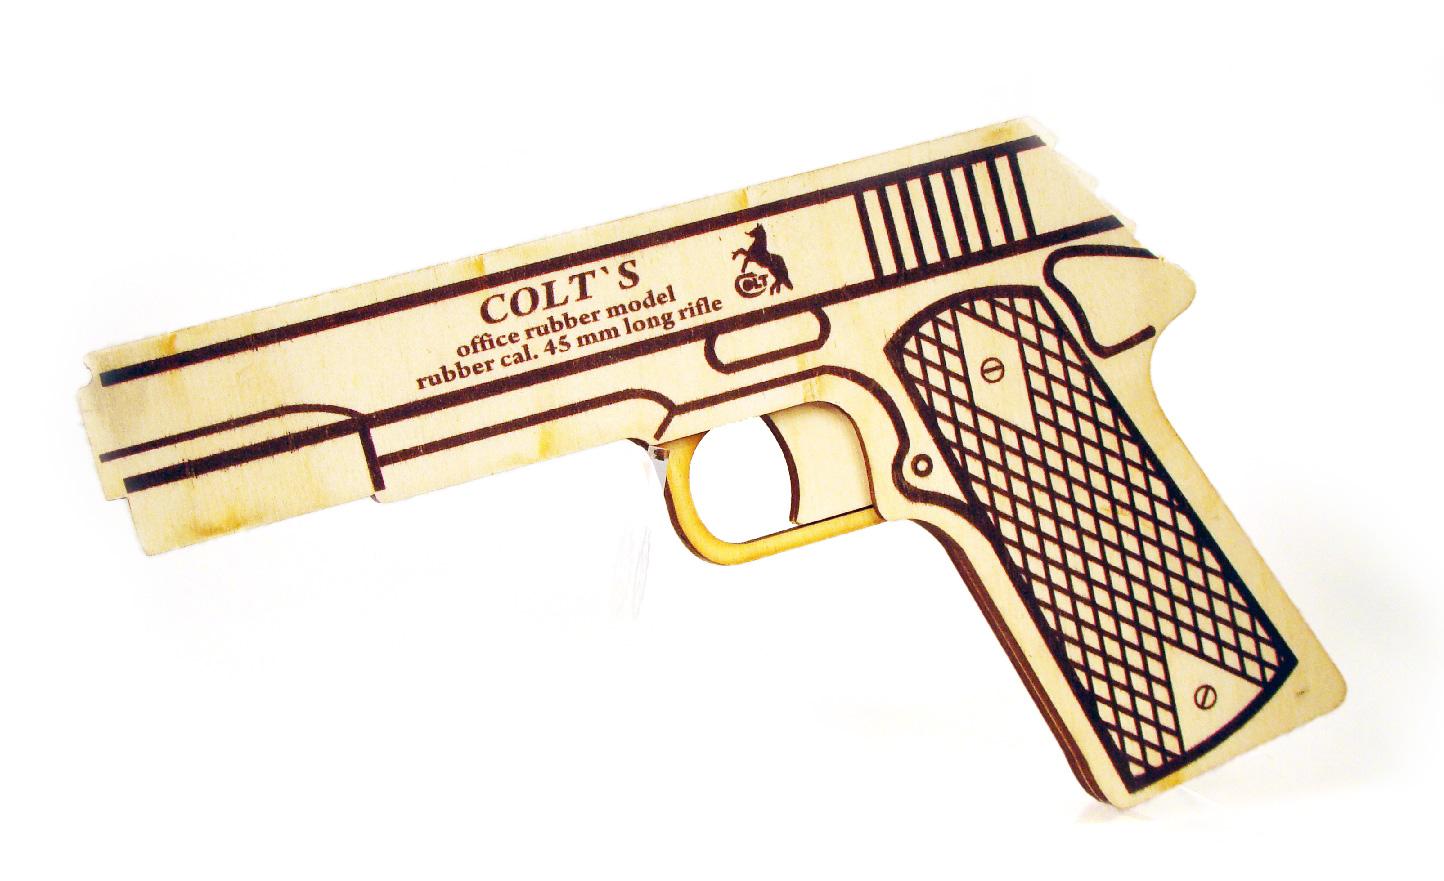 Деревянный пистолет Colt 1911 стреляющий резинками